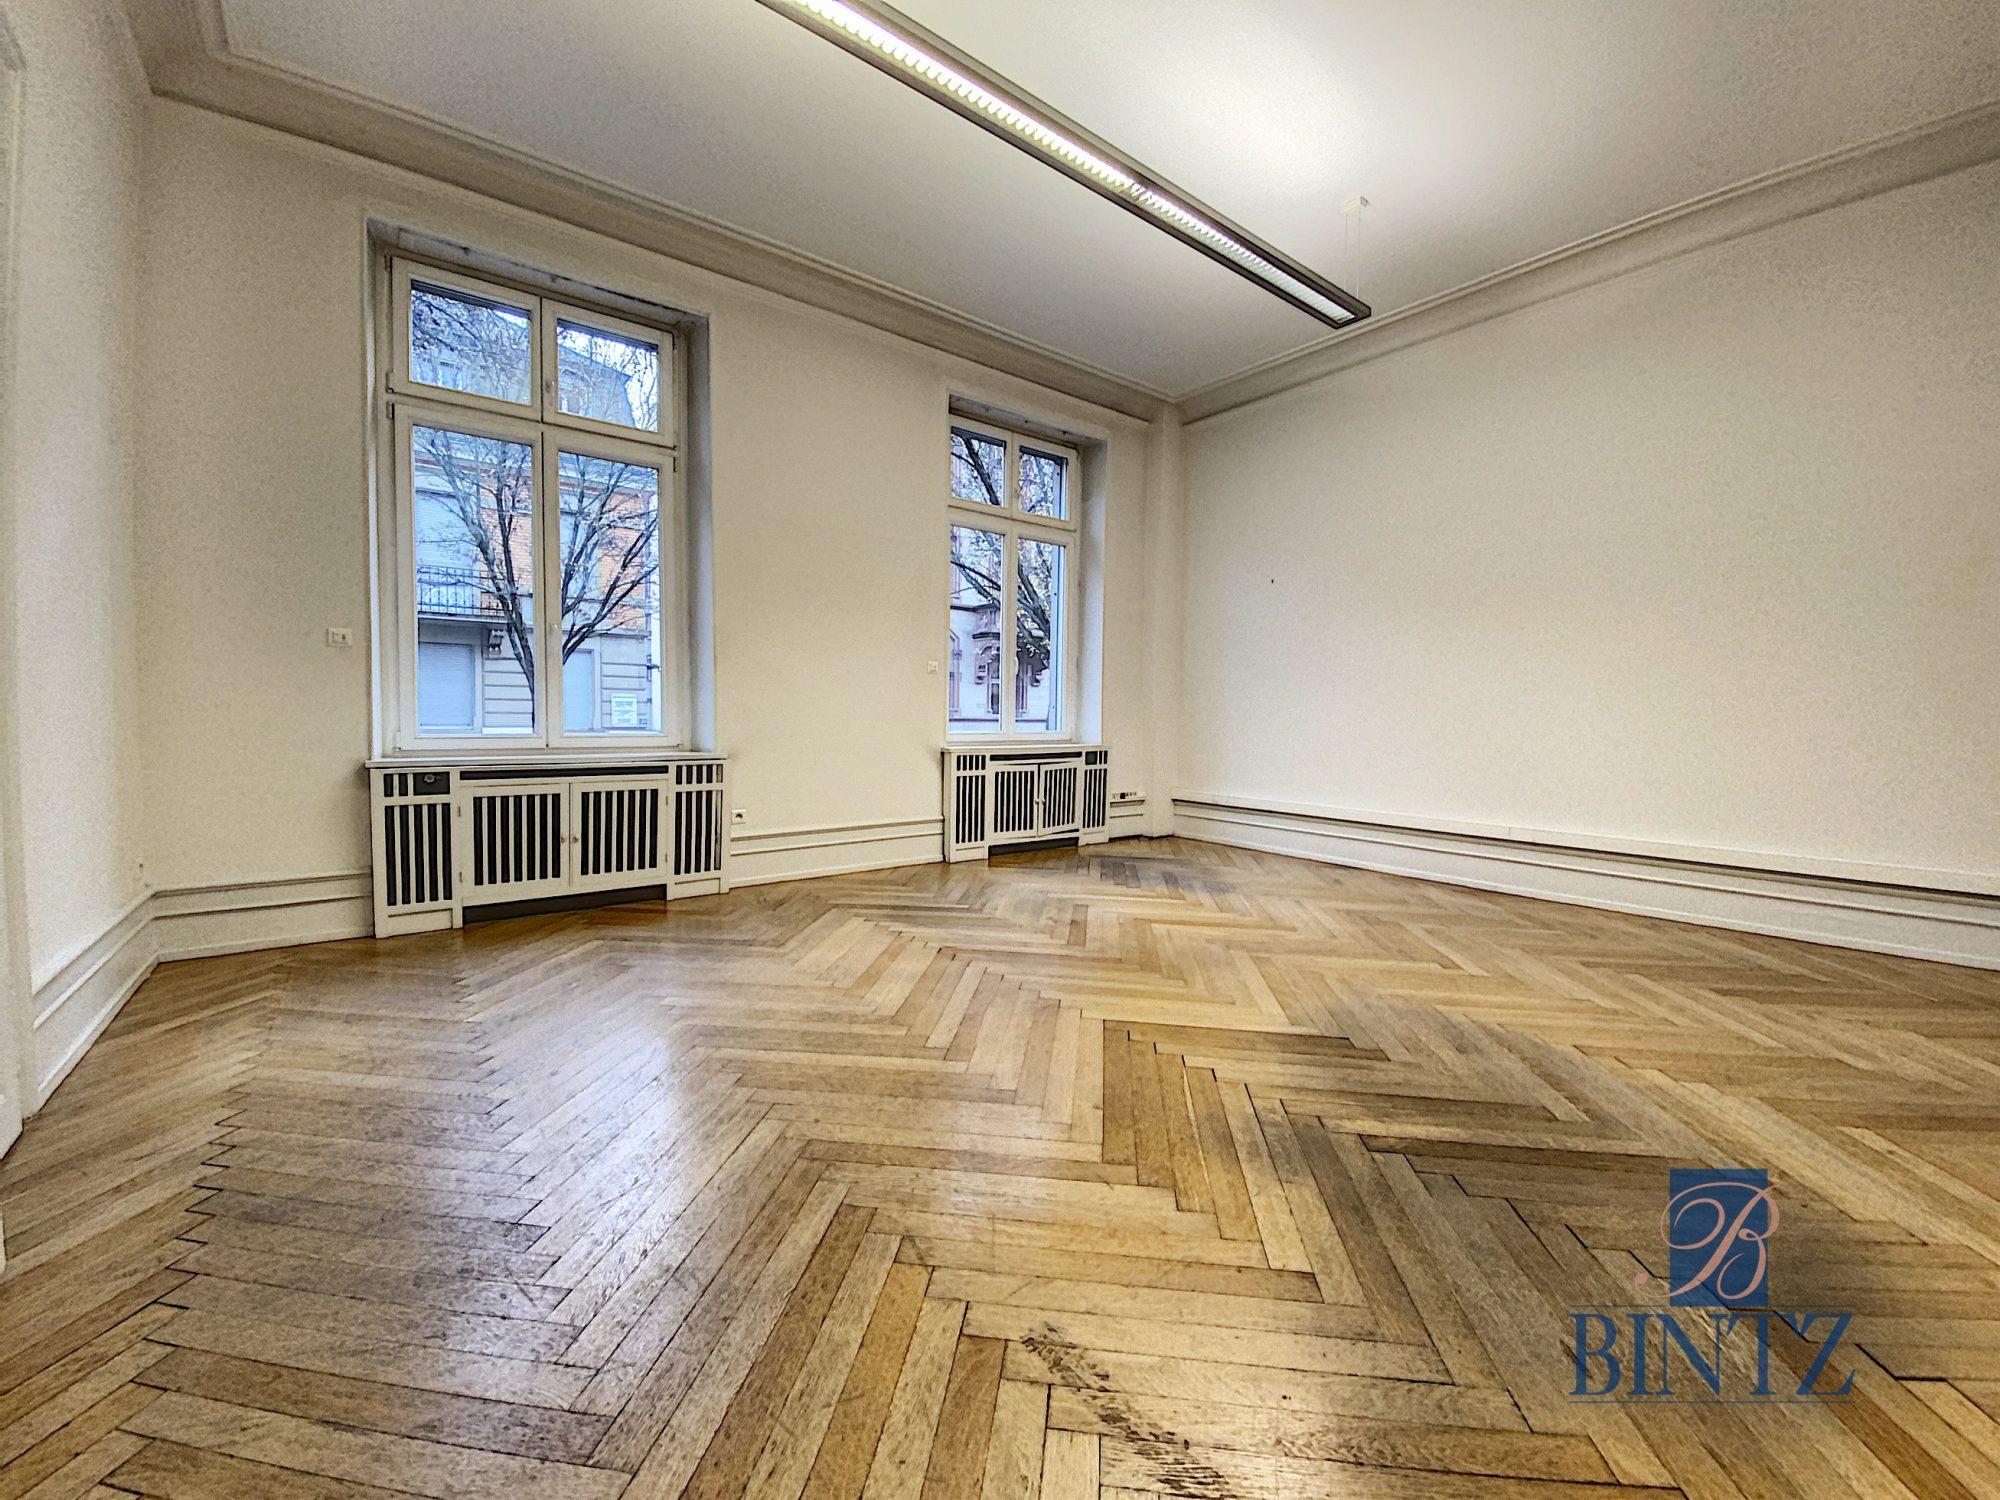 Immeuble de bureaux à louer - Devenez locataire en toute sérénité - Bintz Immobilier - 1